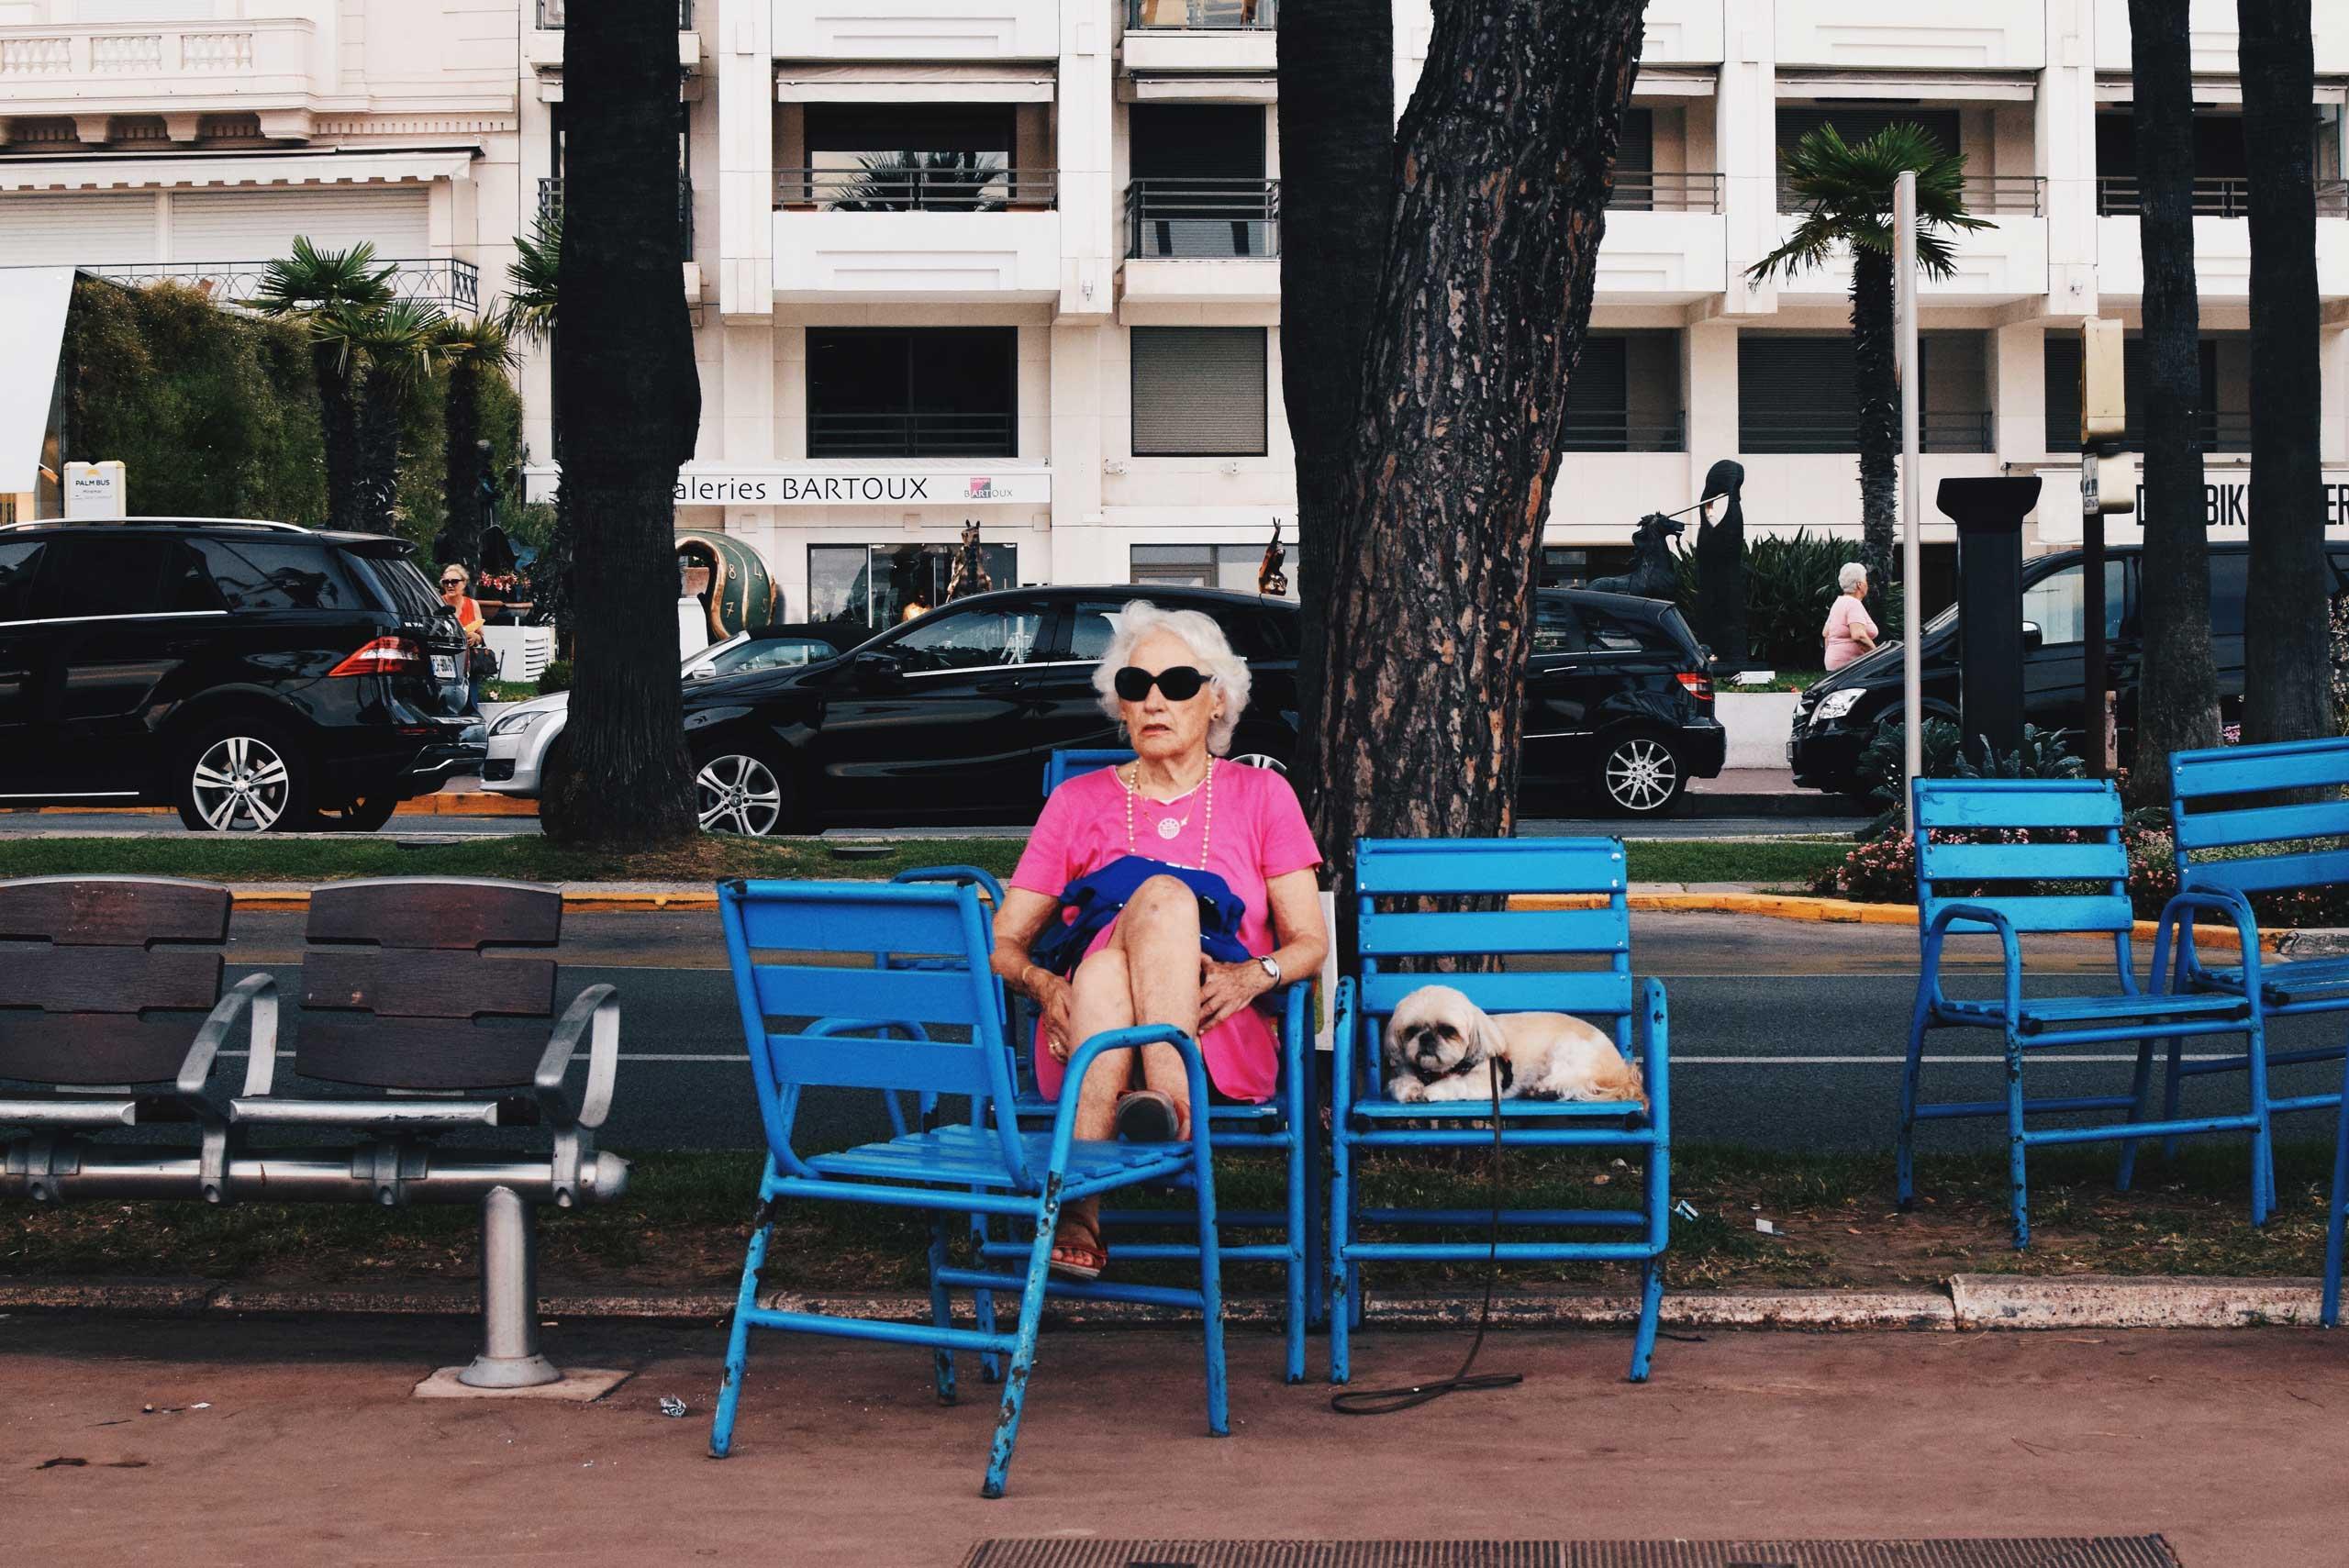 A woman relaxes along the Promenade de la Croisette in Cannes, France in 2015.